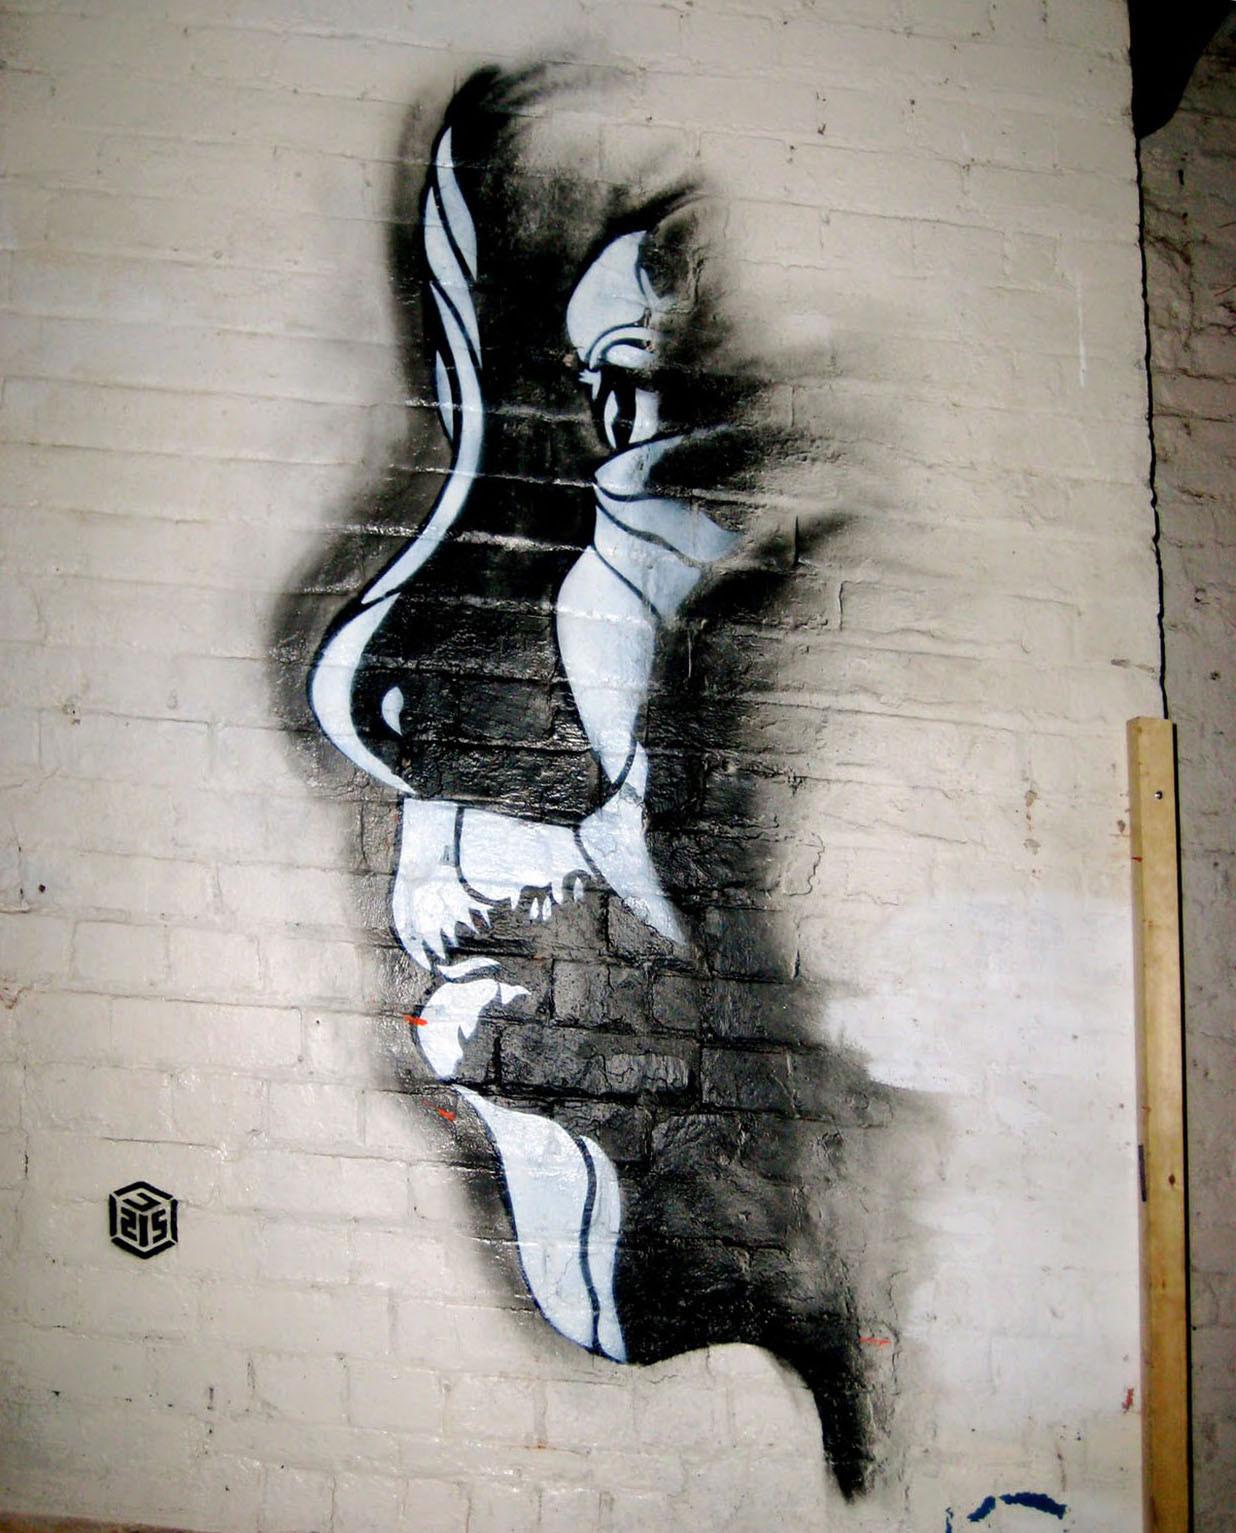 Wallpaper Painting Wall Graffiti Street Art Mural Art